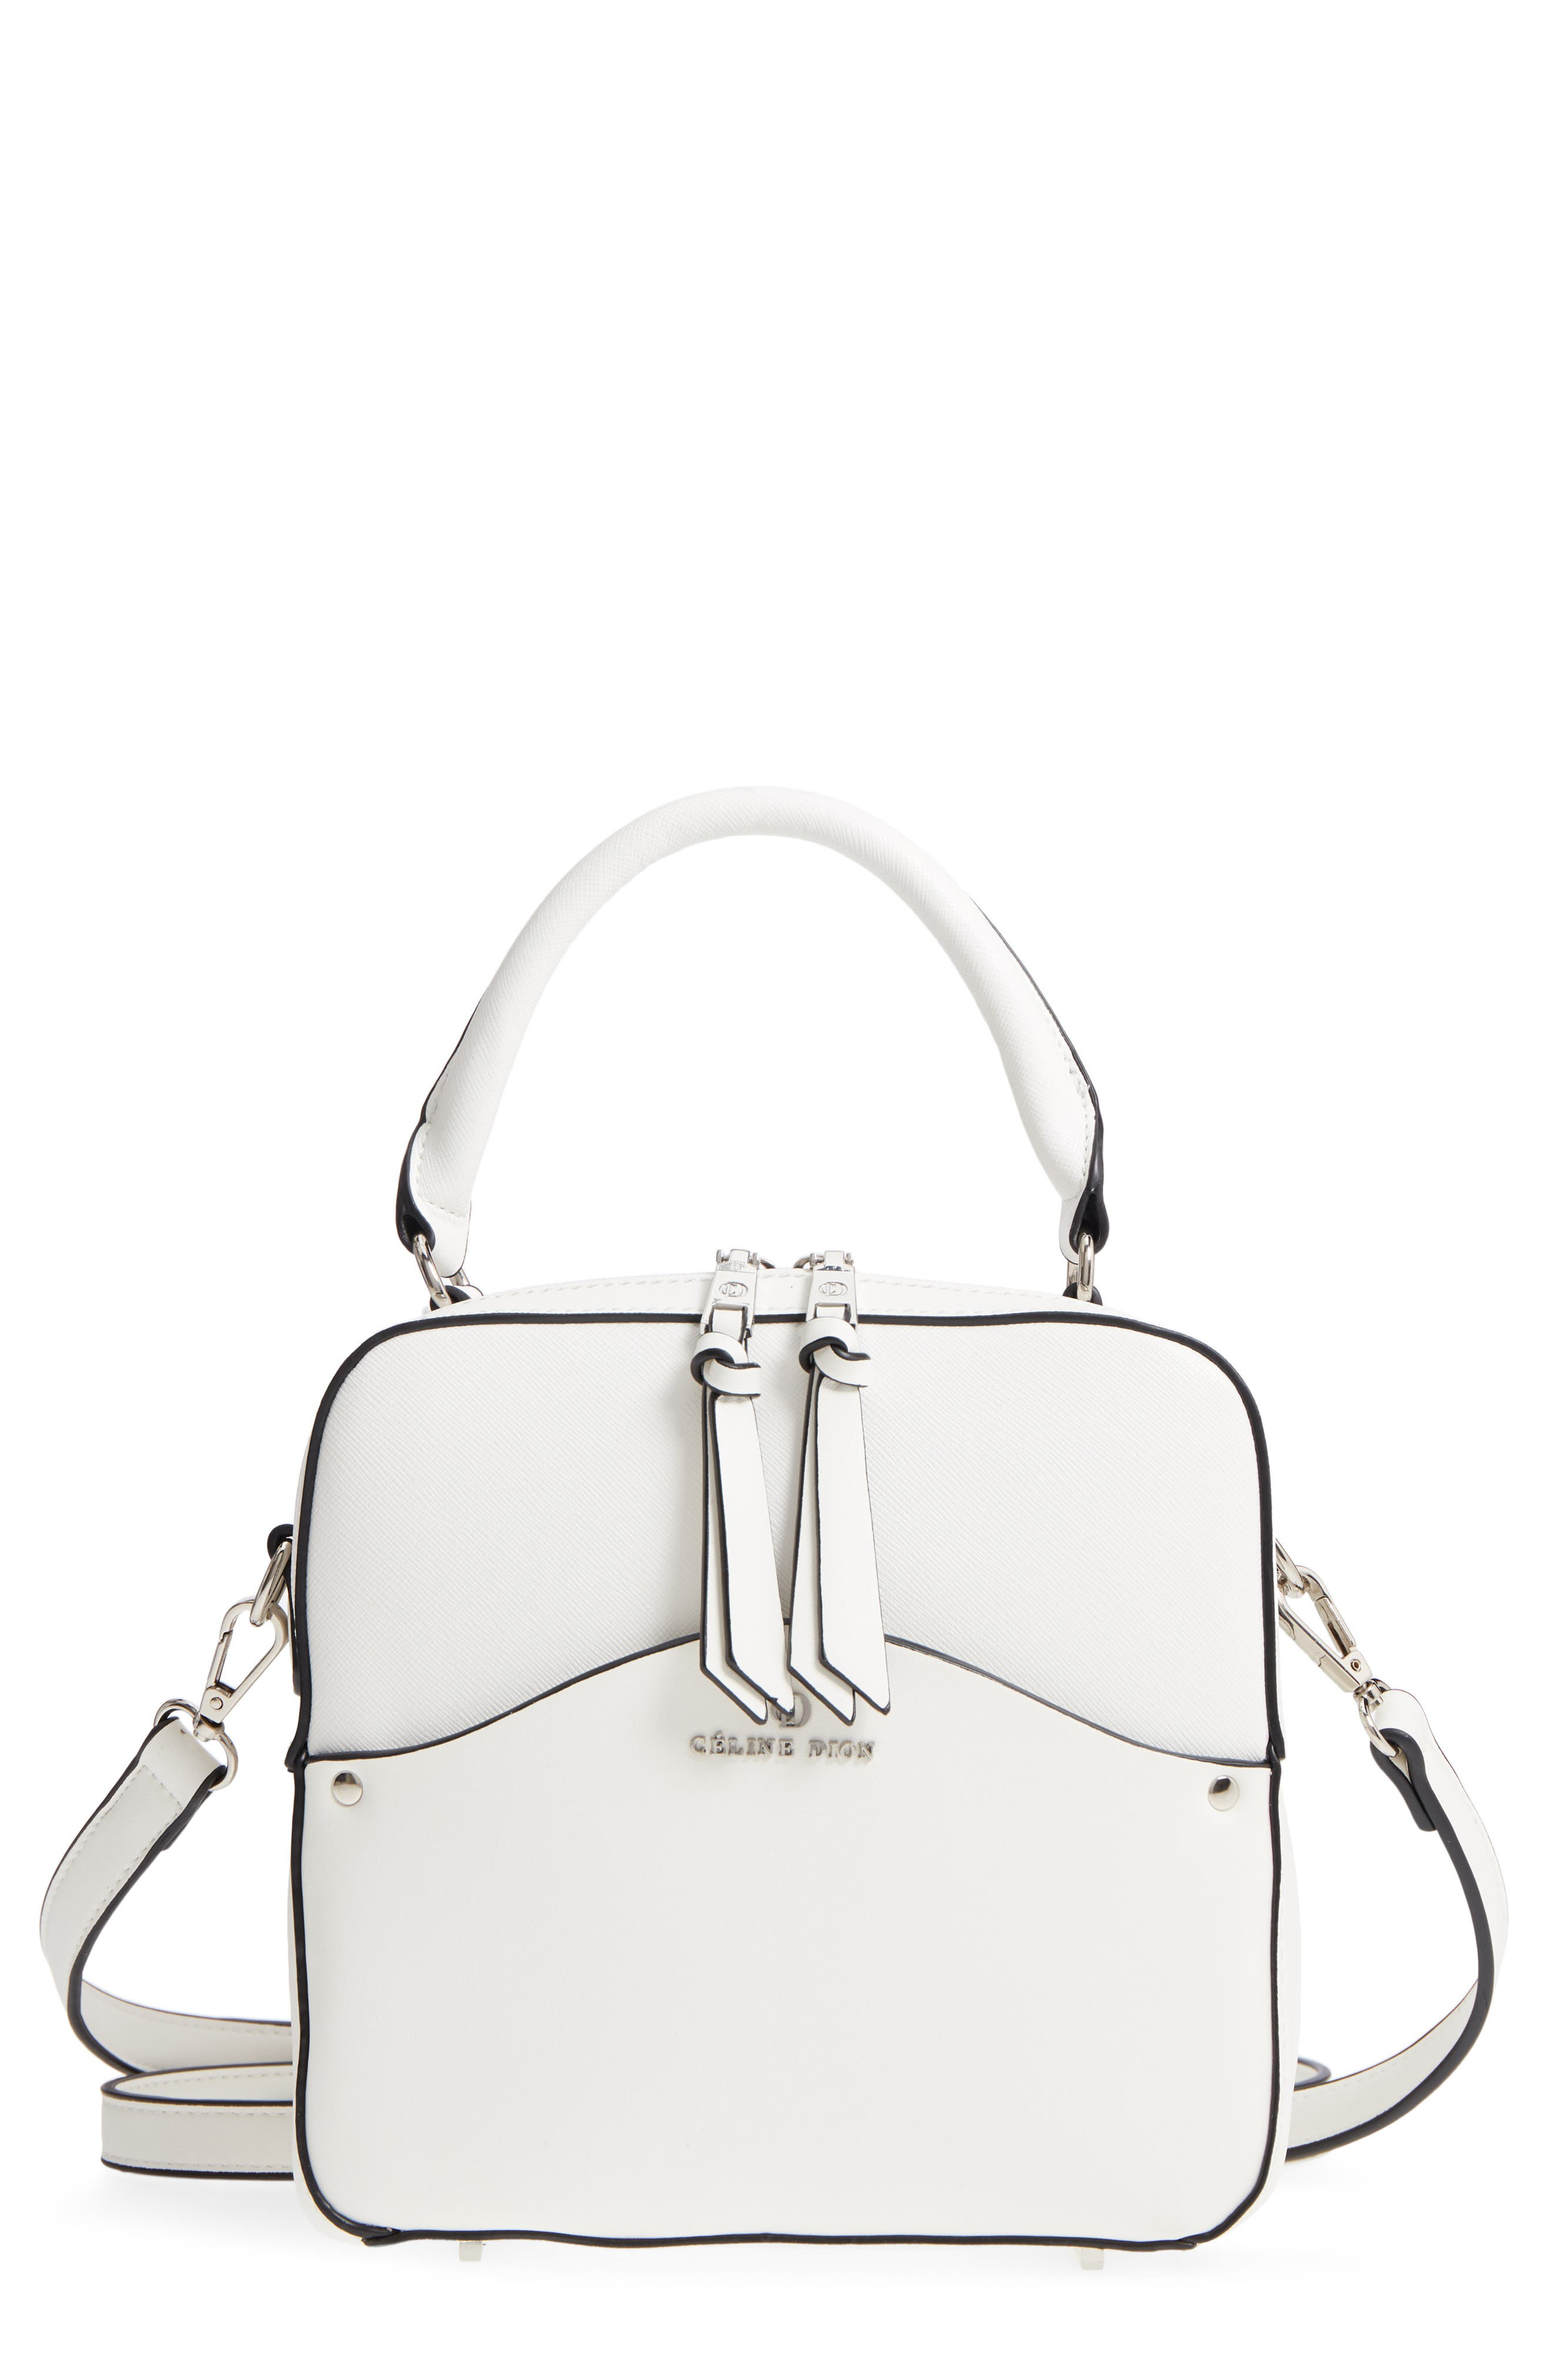 Céline Dion Motif Top Handle Leather Satchel,                             Main thumbnail 3, color,